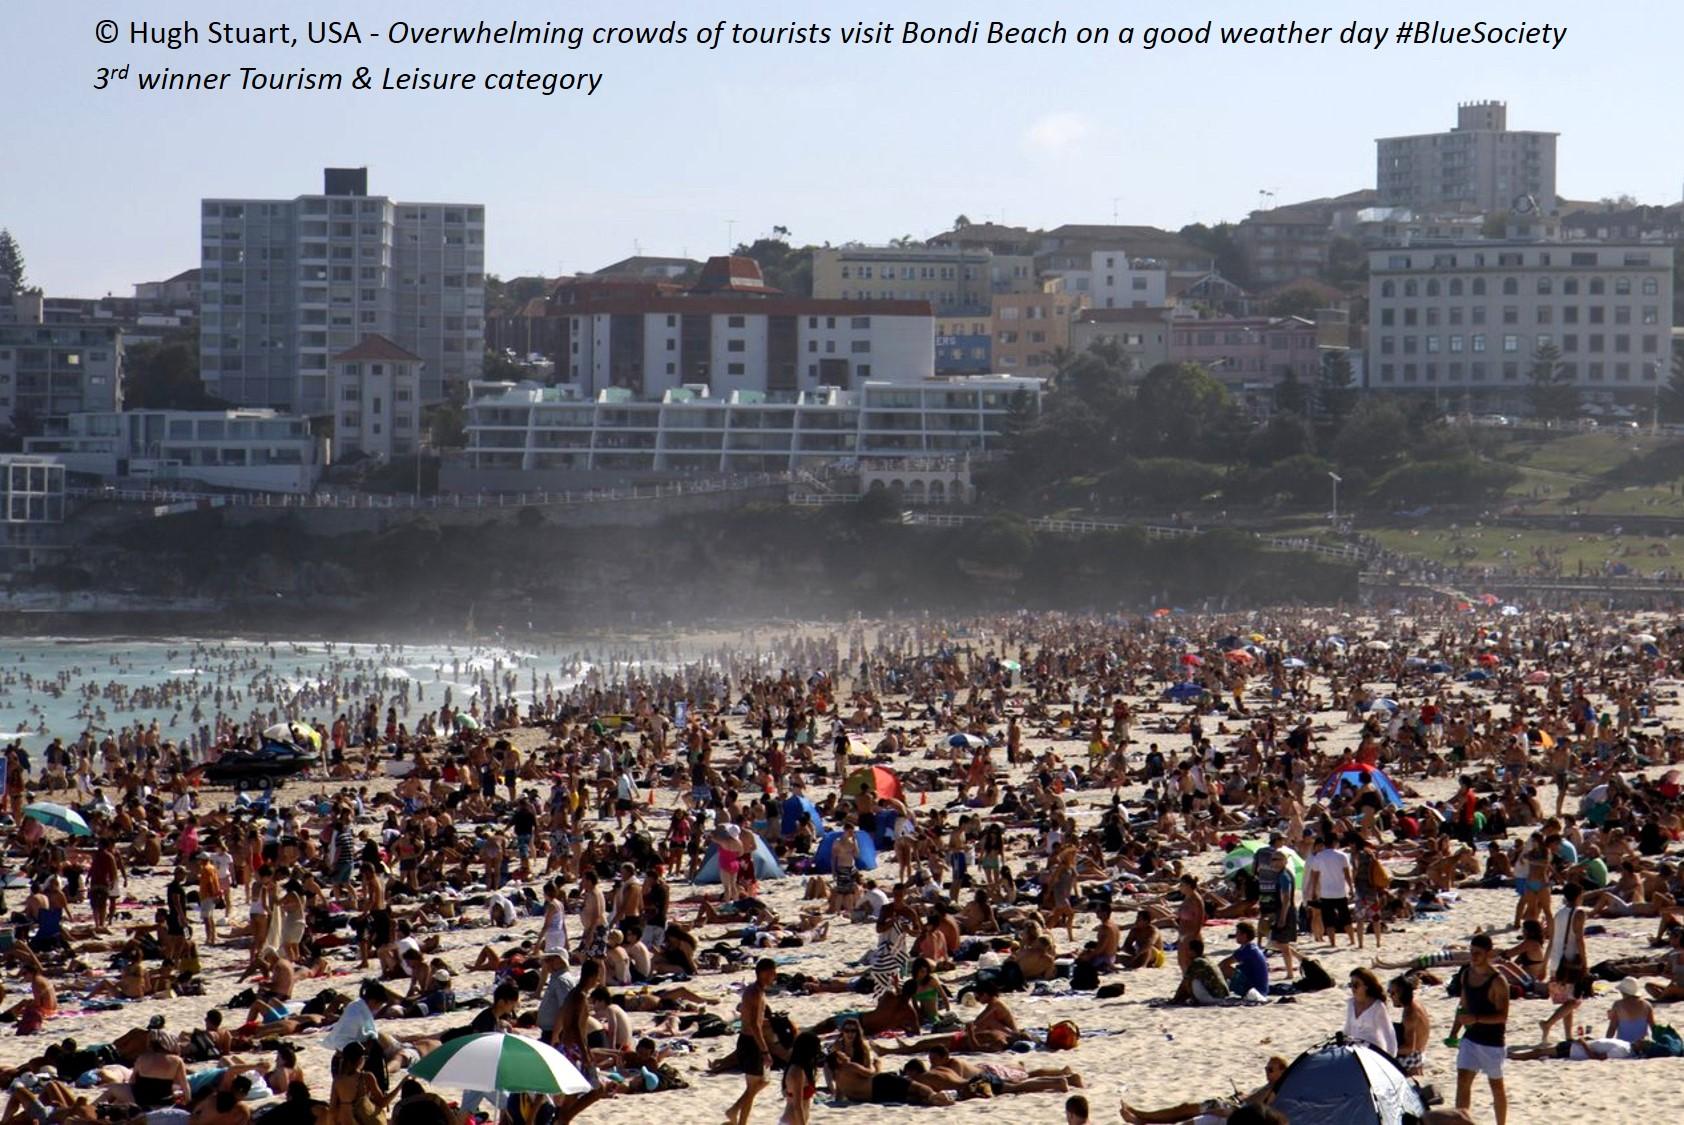 3 - Tourism & Leisure category © Hugh Stuart, USA